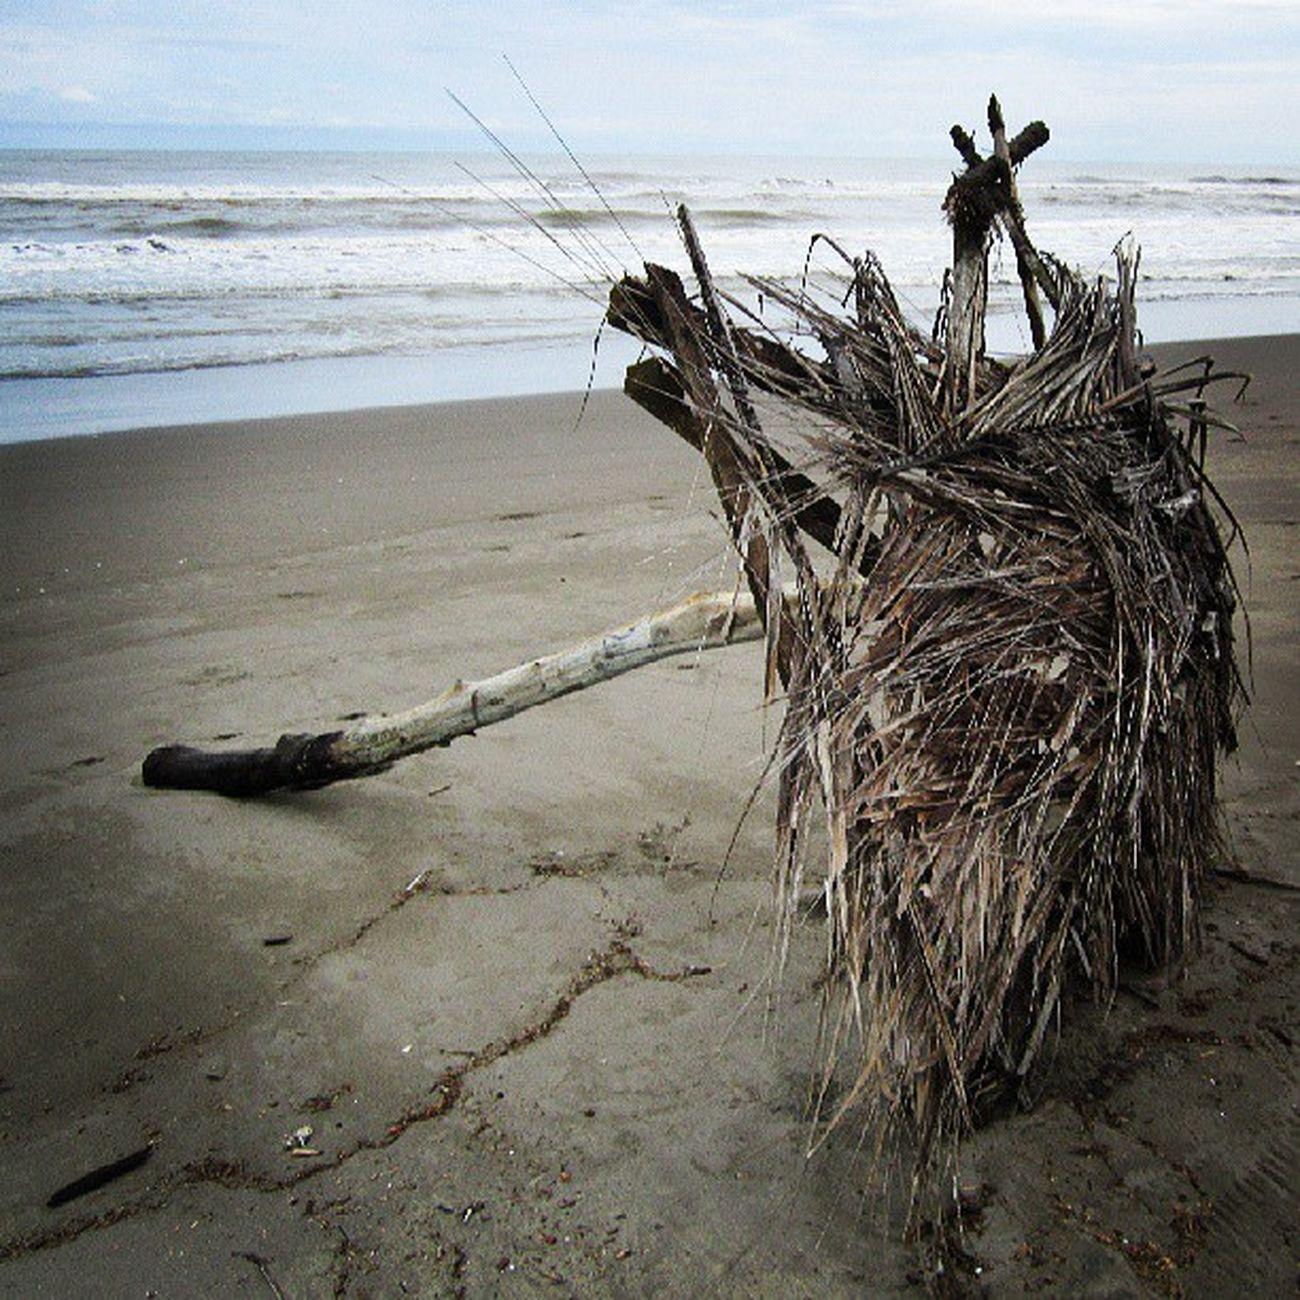 Norte Mexico Veracruz Casitas Playa mar costa esmeralda